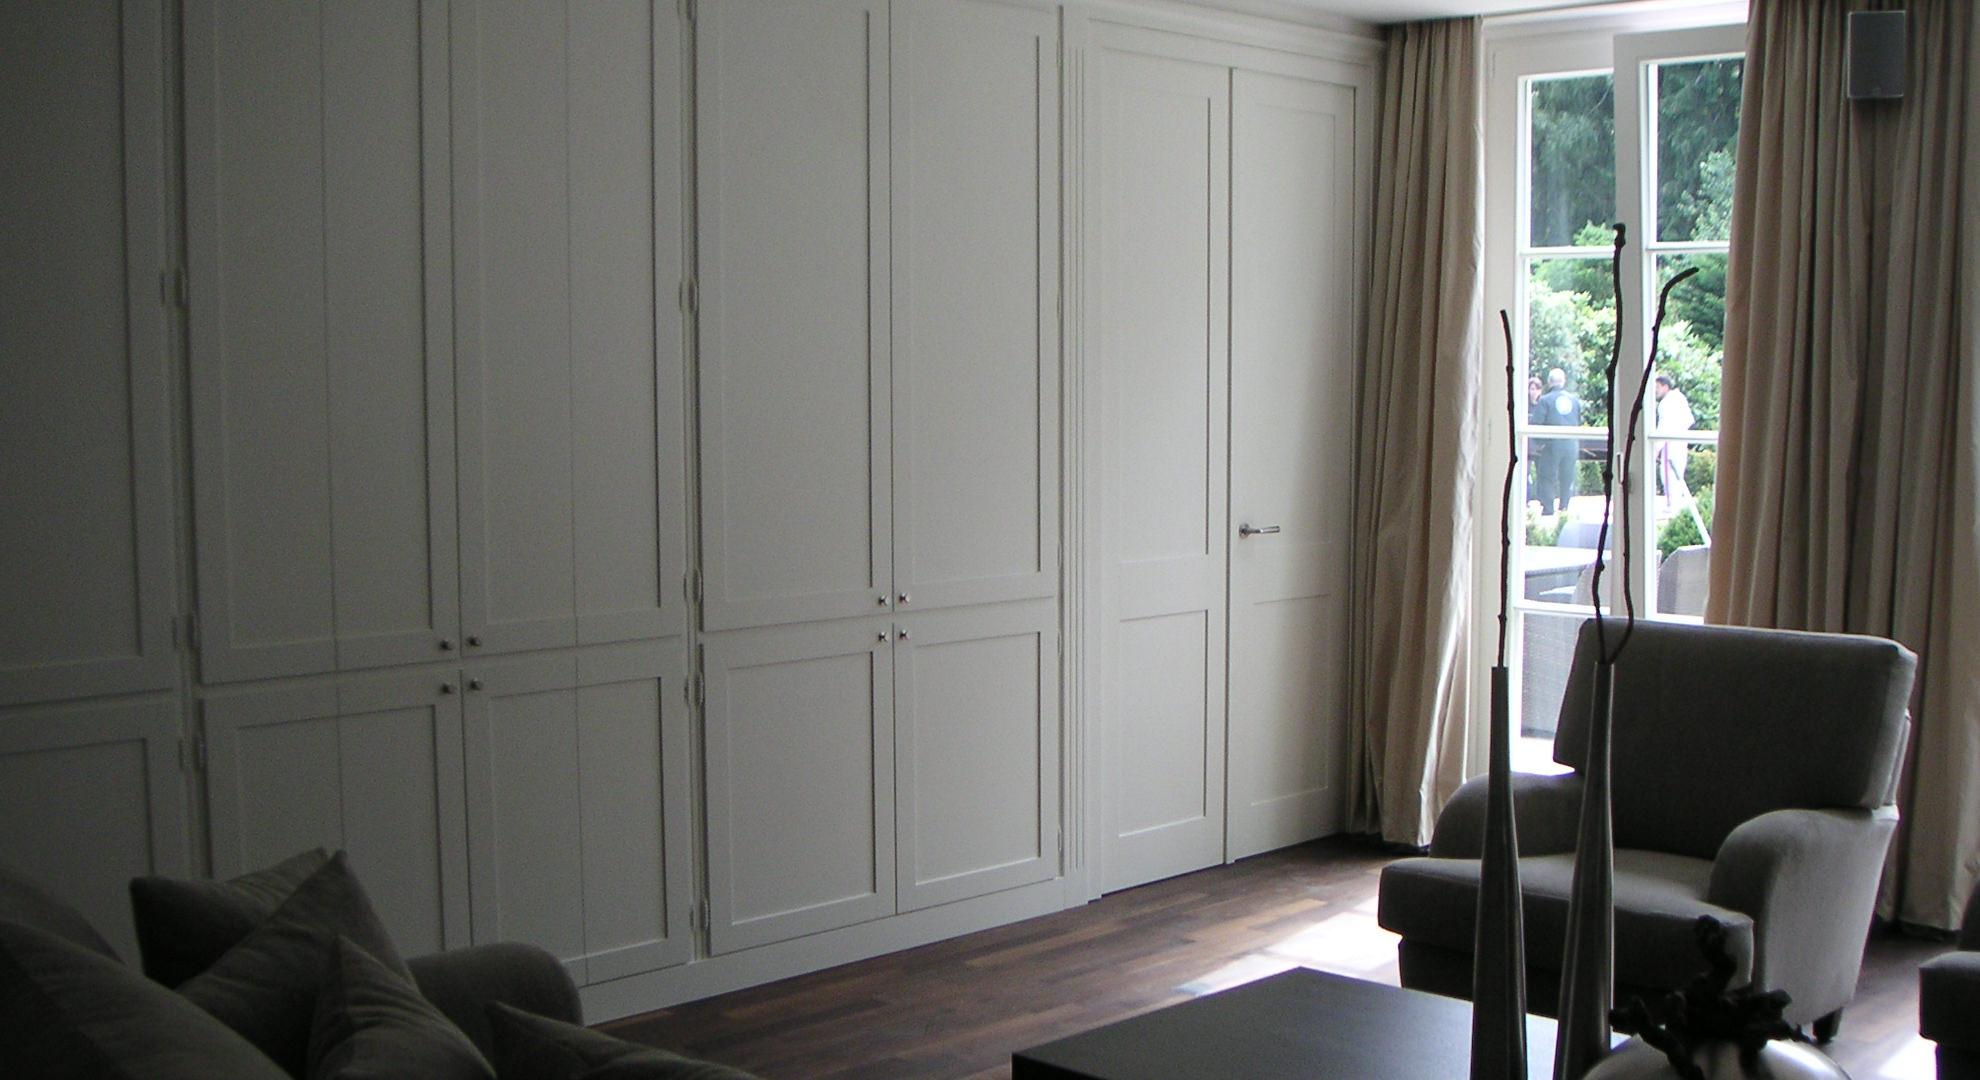 Inneneinrichtung eines klassichen Wohnraum in Strichlack